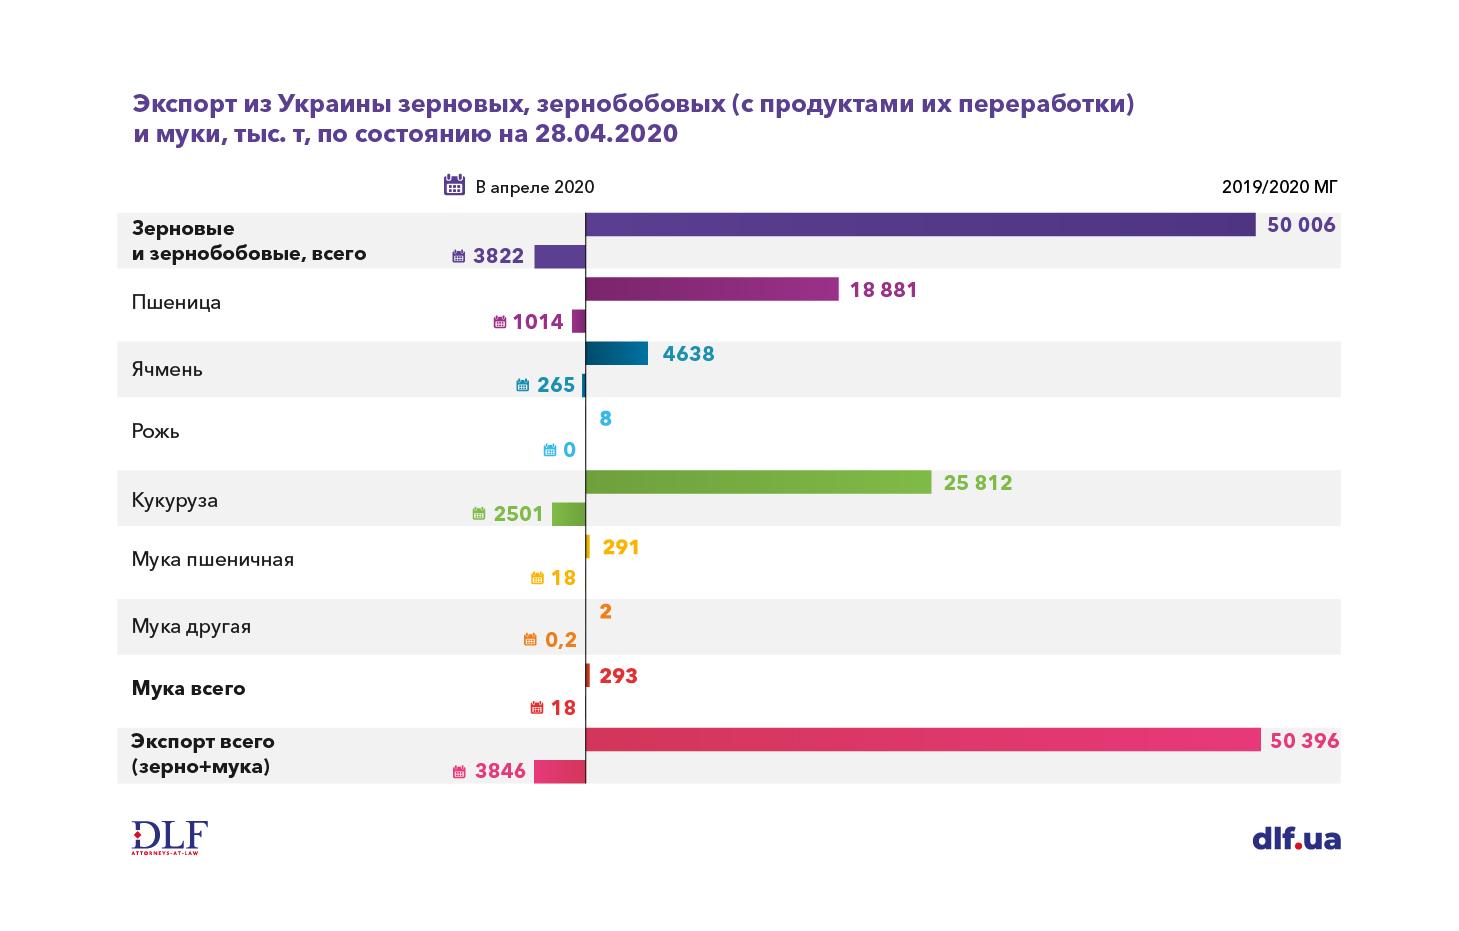 Агробизнес в Украине - DLF attorneys-at-law - Экспорт из Украины зерновых, зернобобовых и муки в 2019-2020 МГ